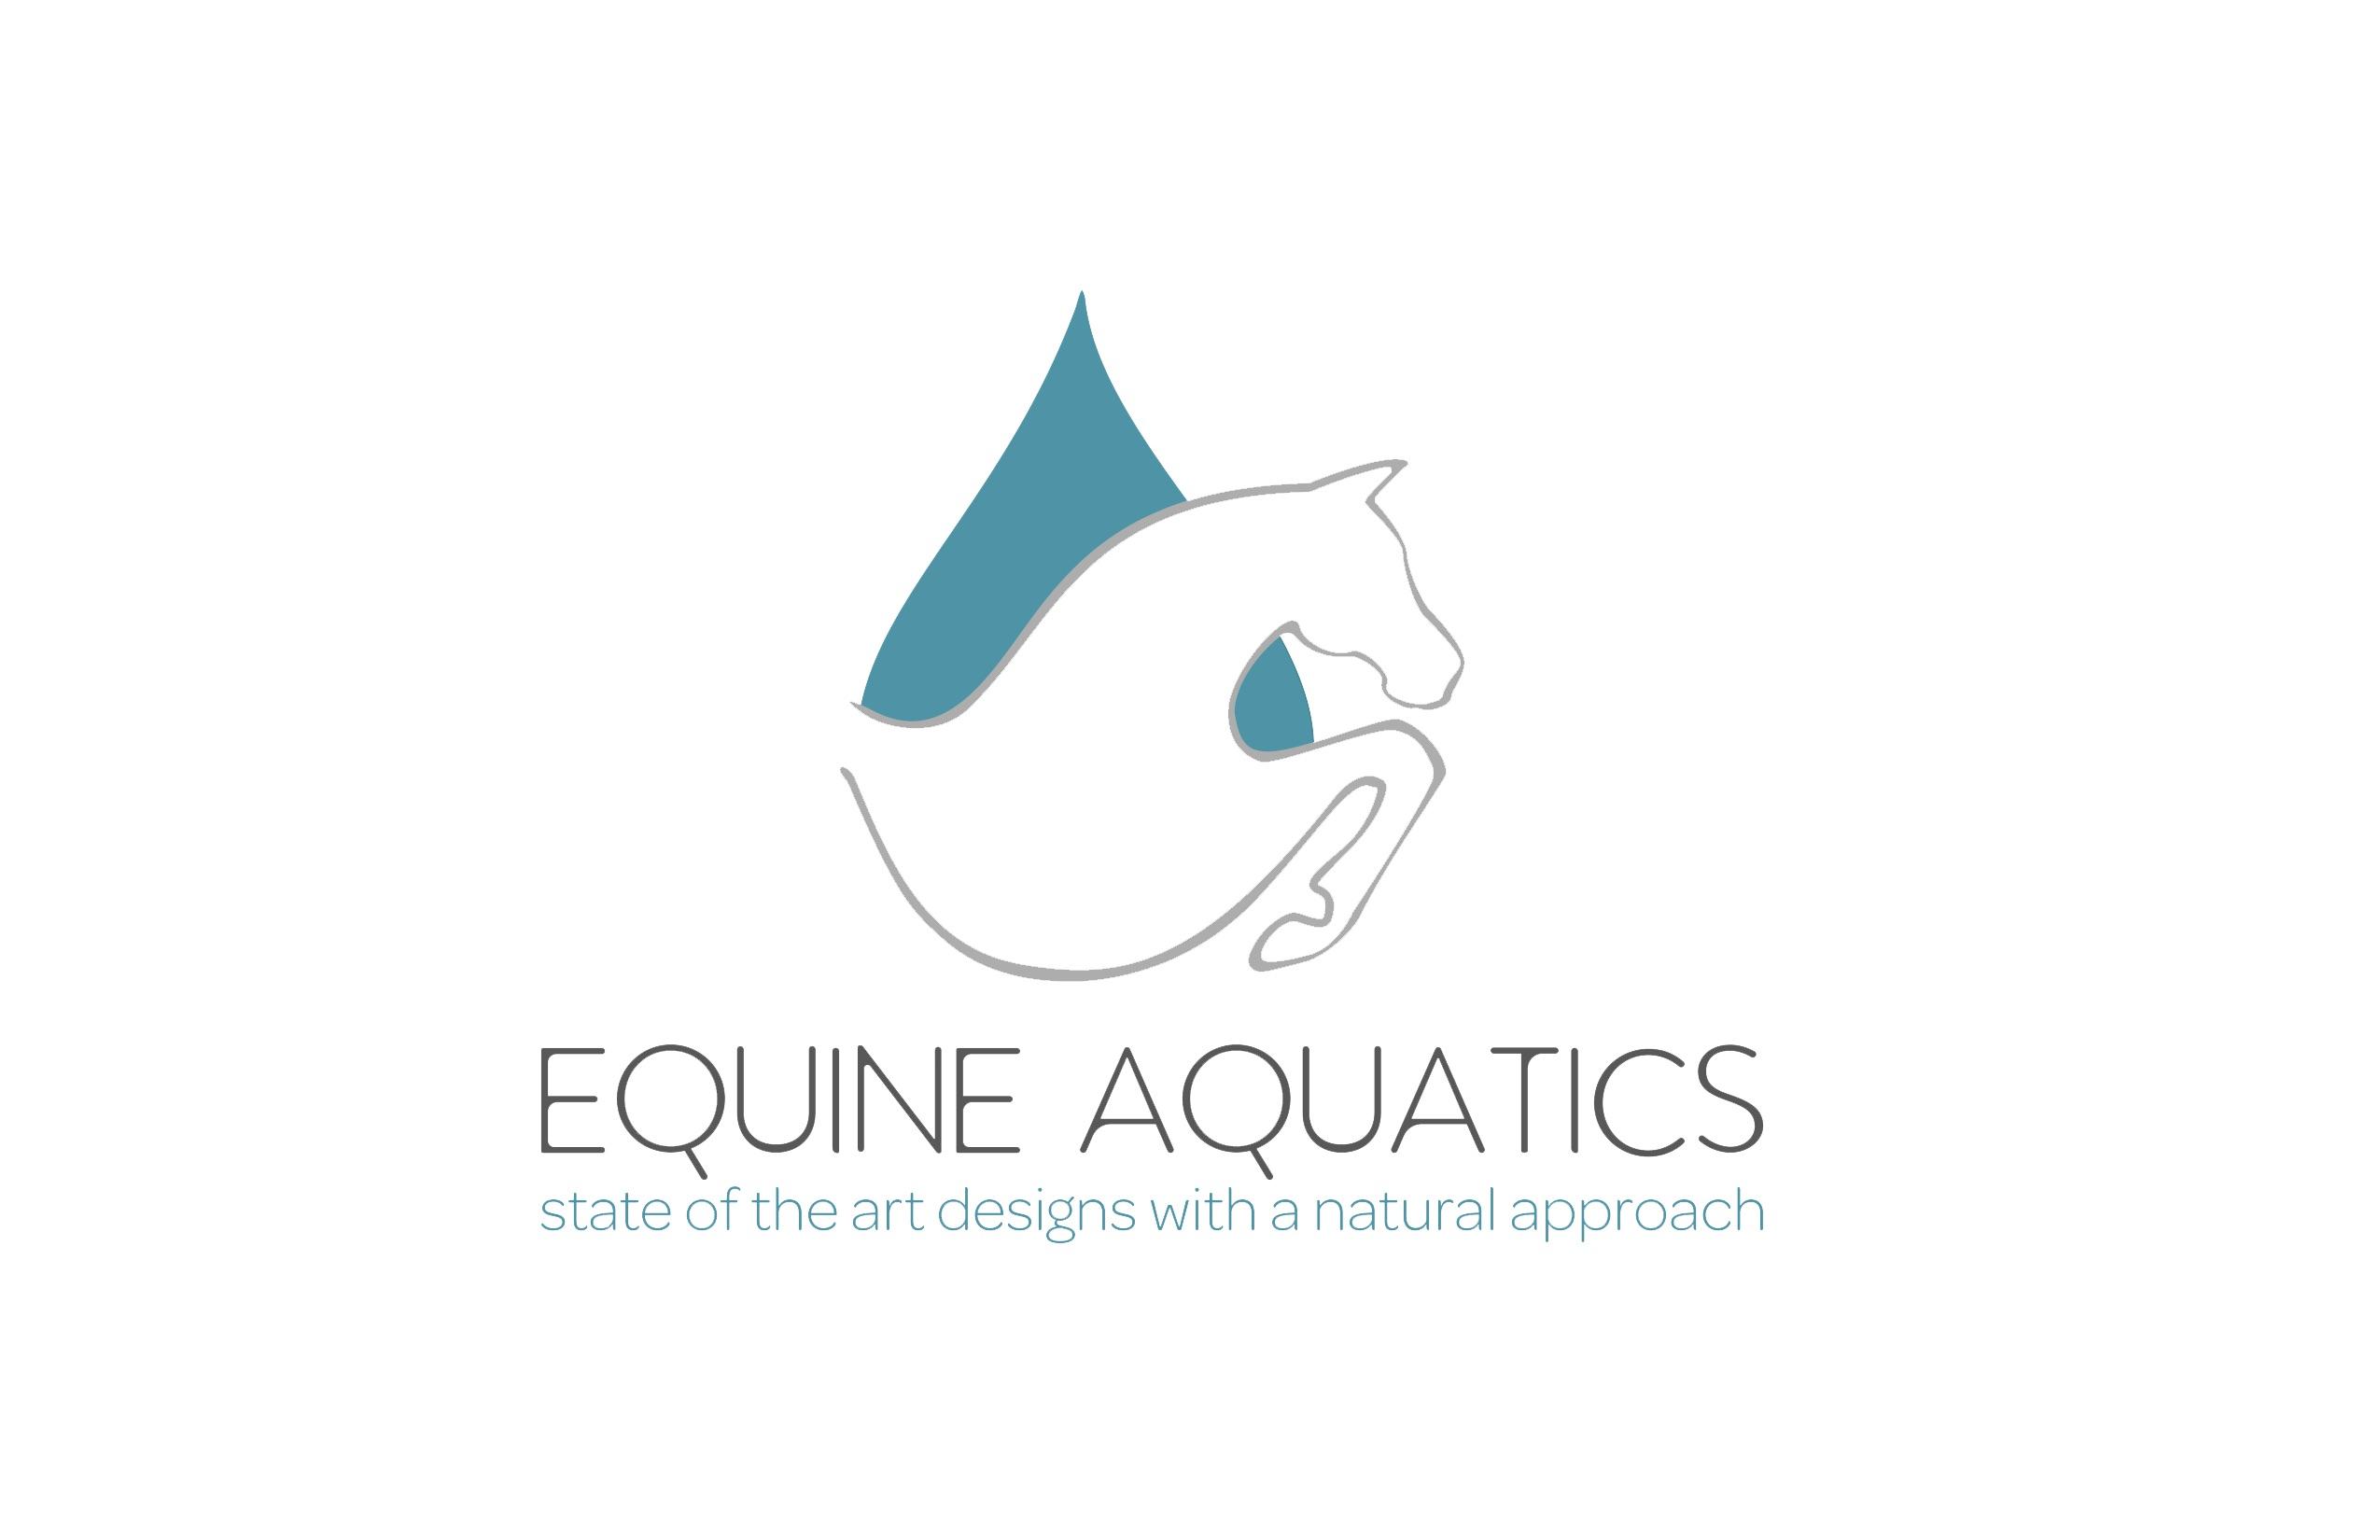 Equine Aquatics